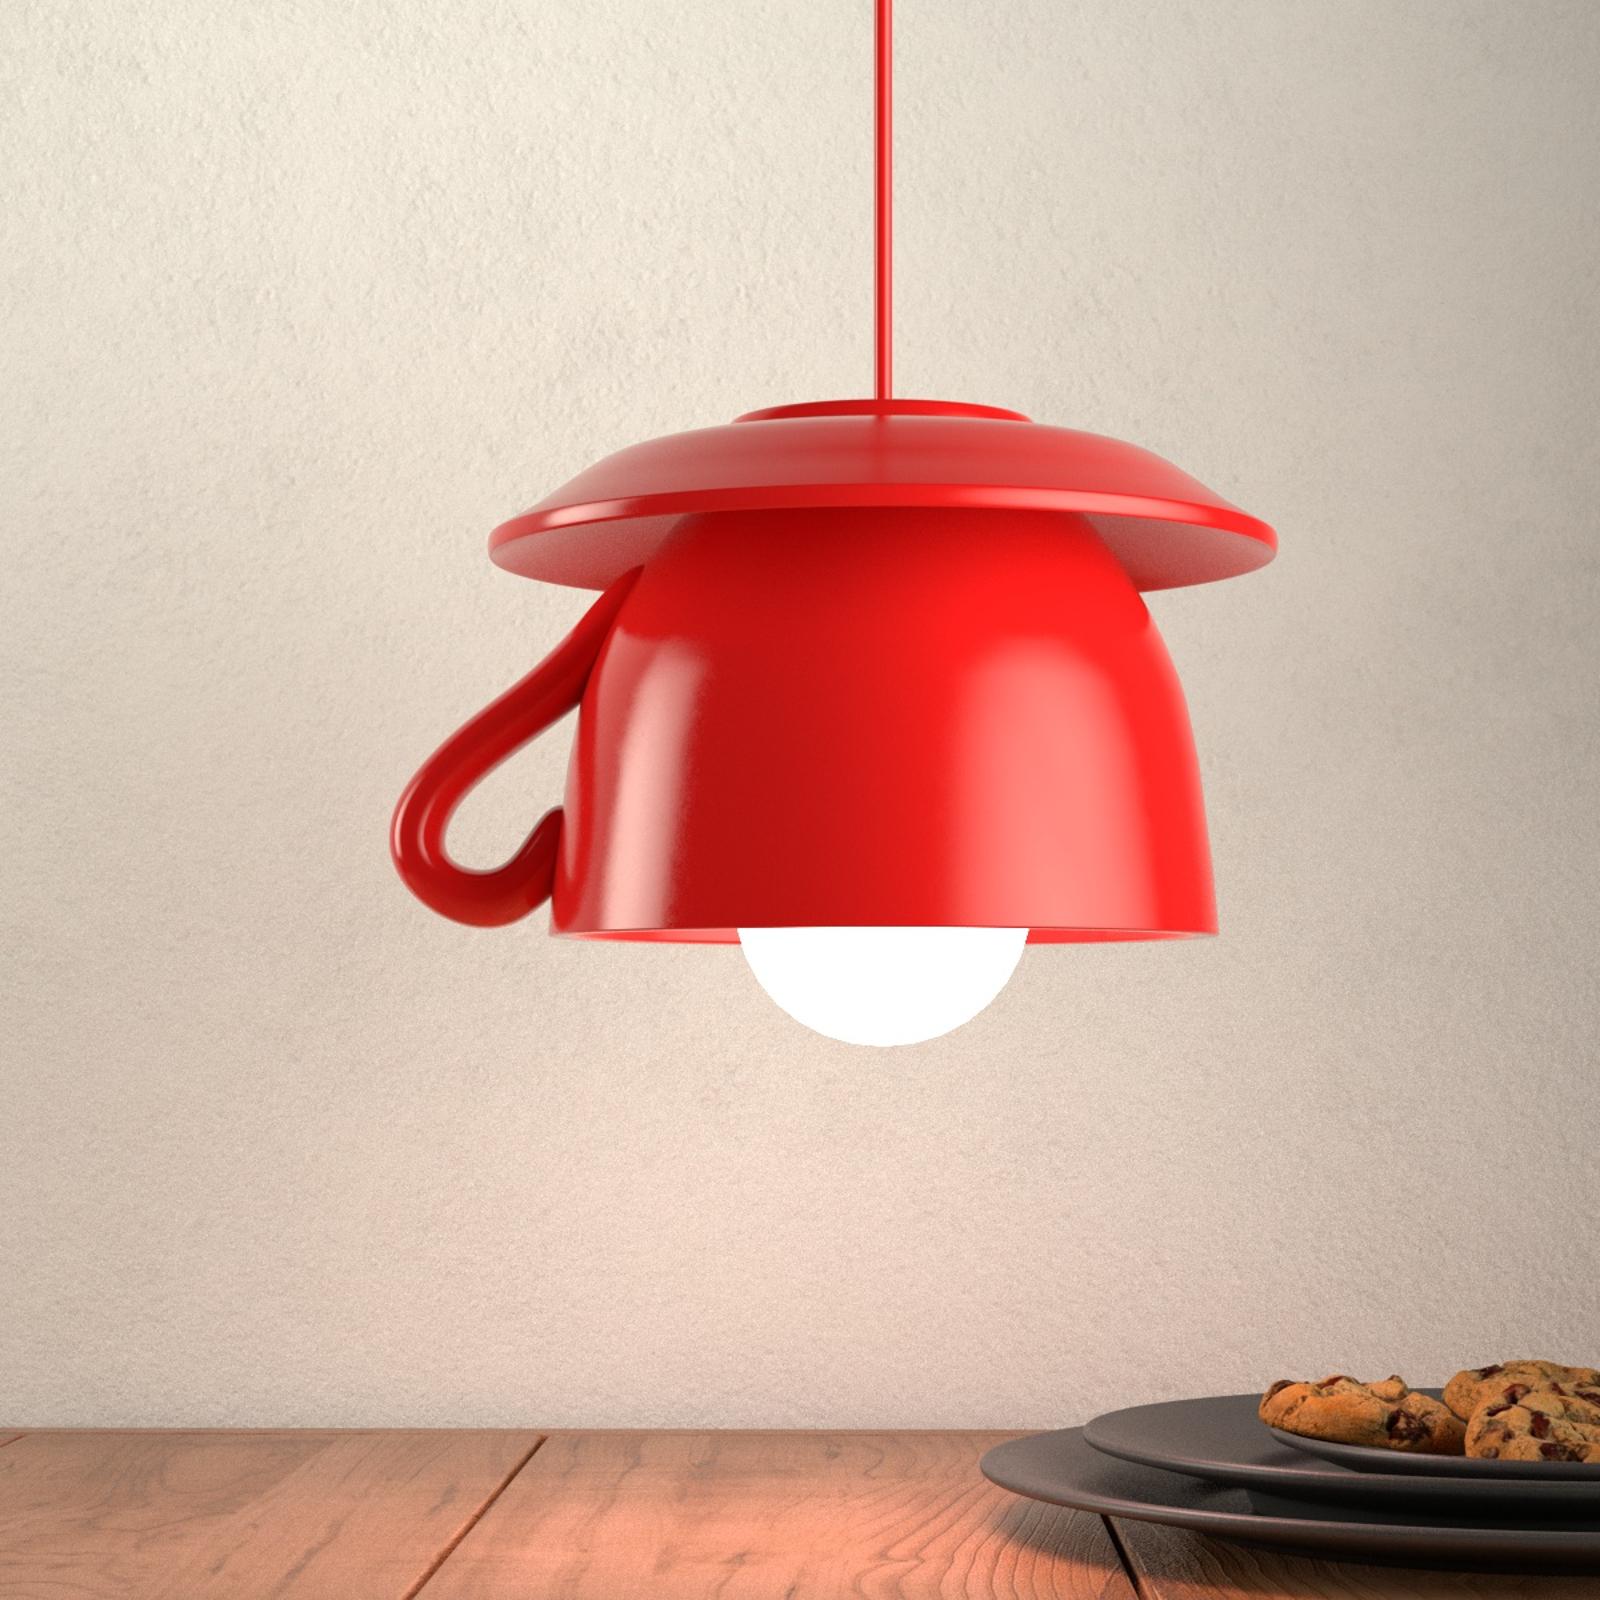 Tazza - rode keramieken hanglamp voor de keuken